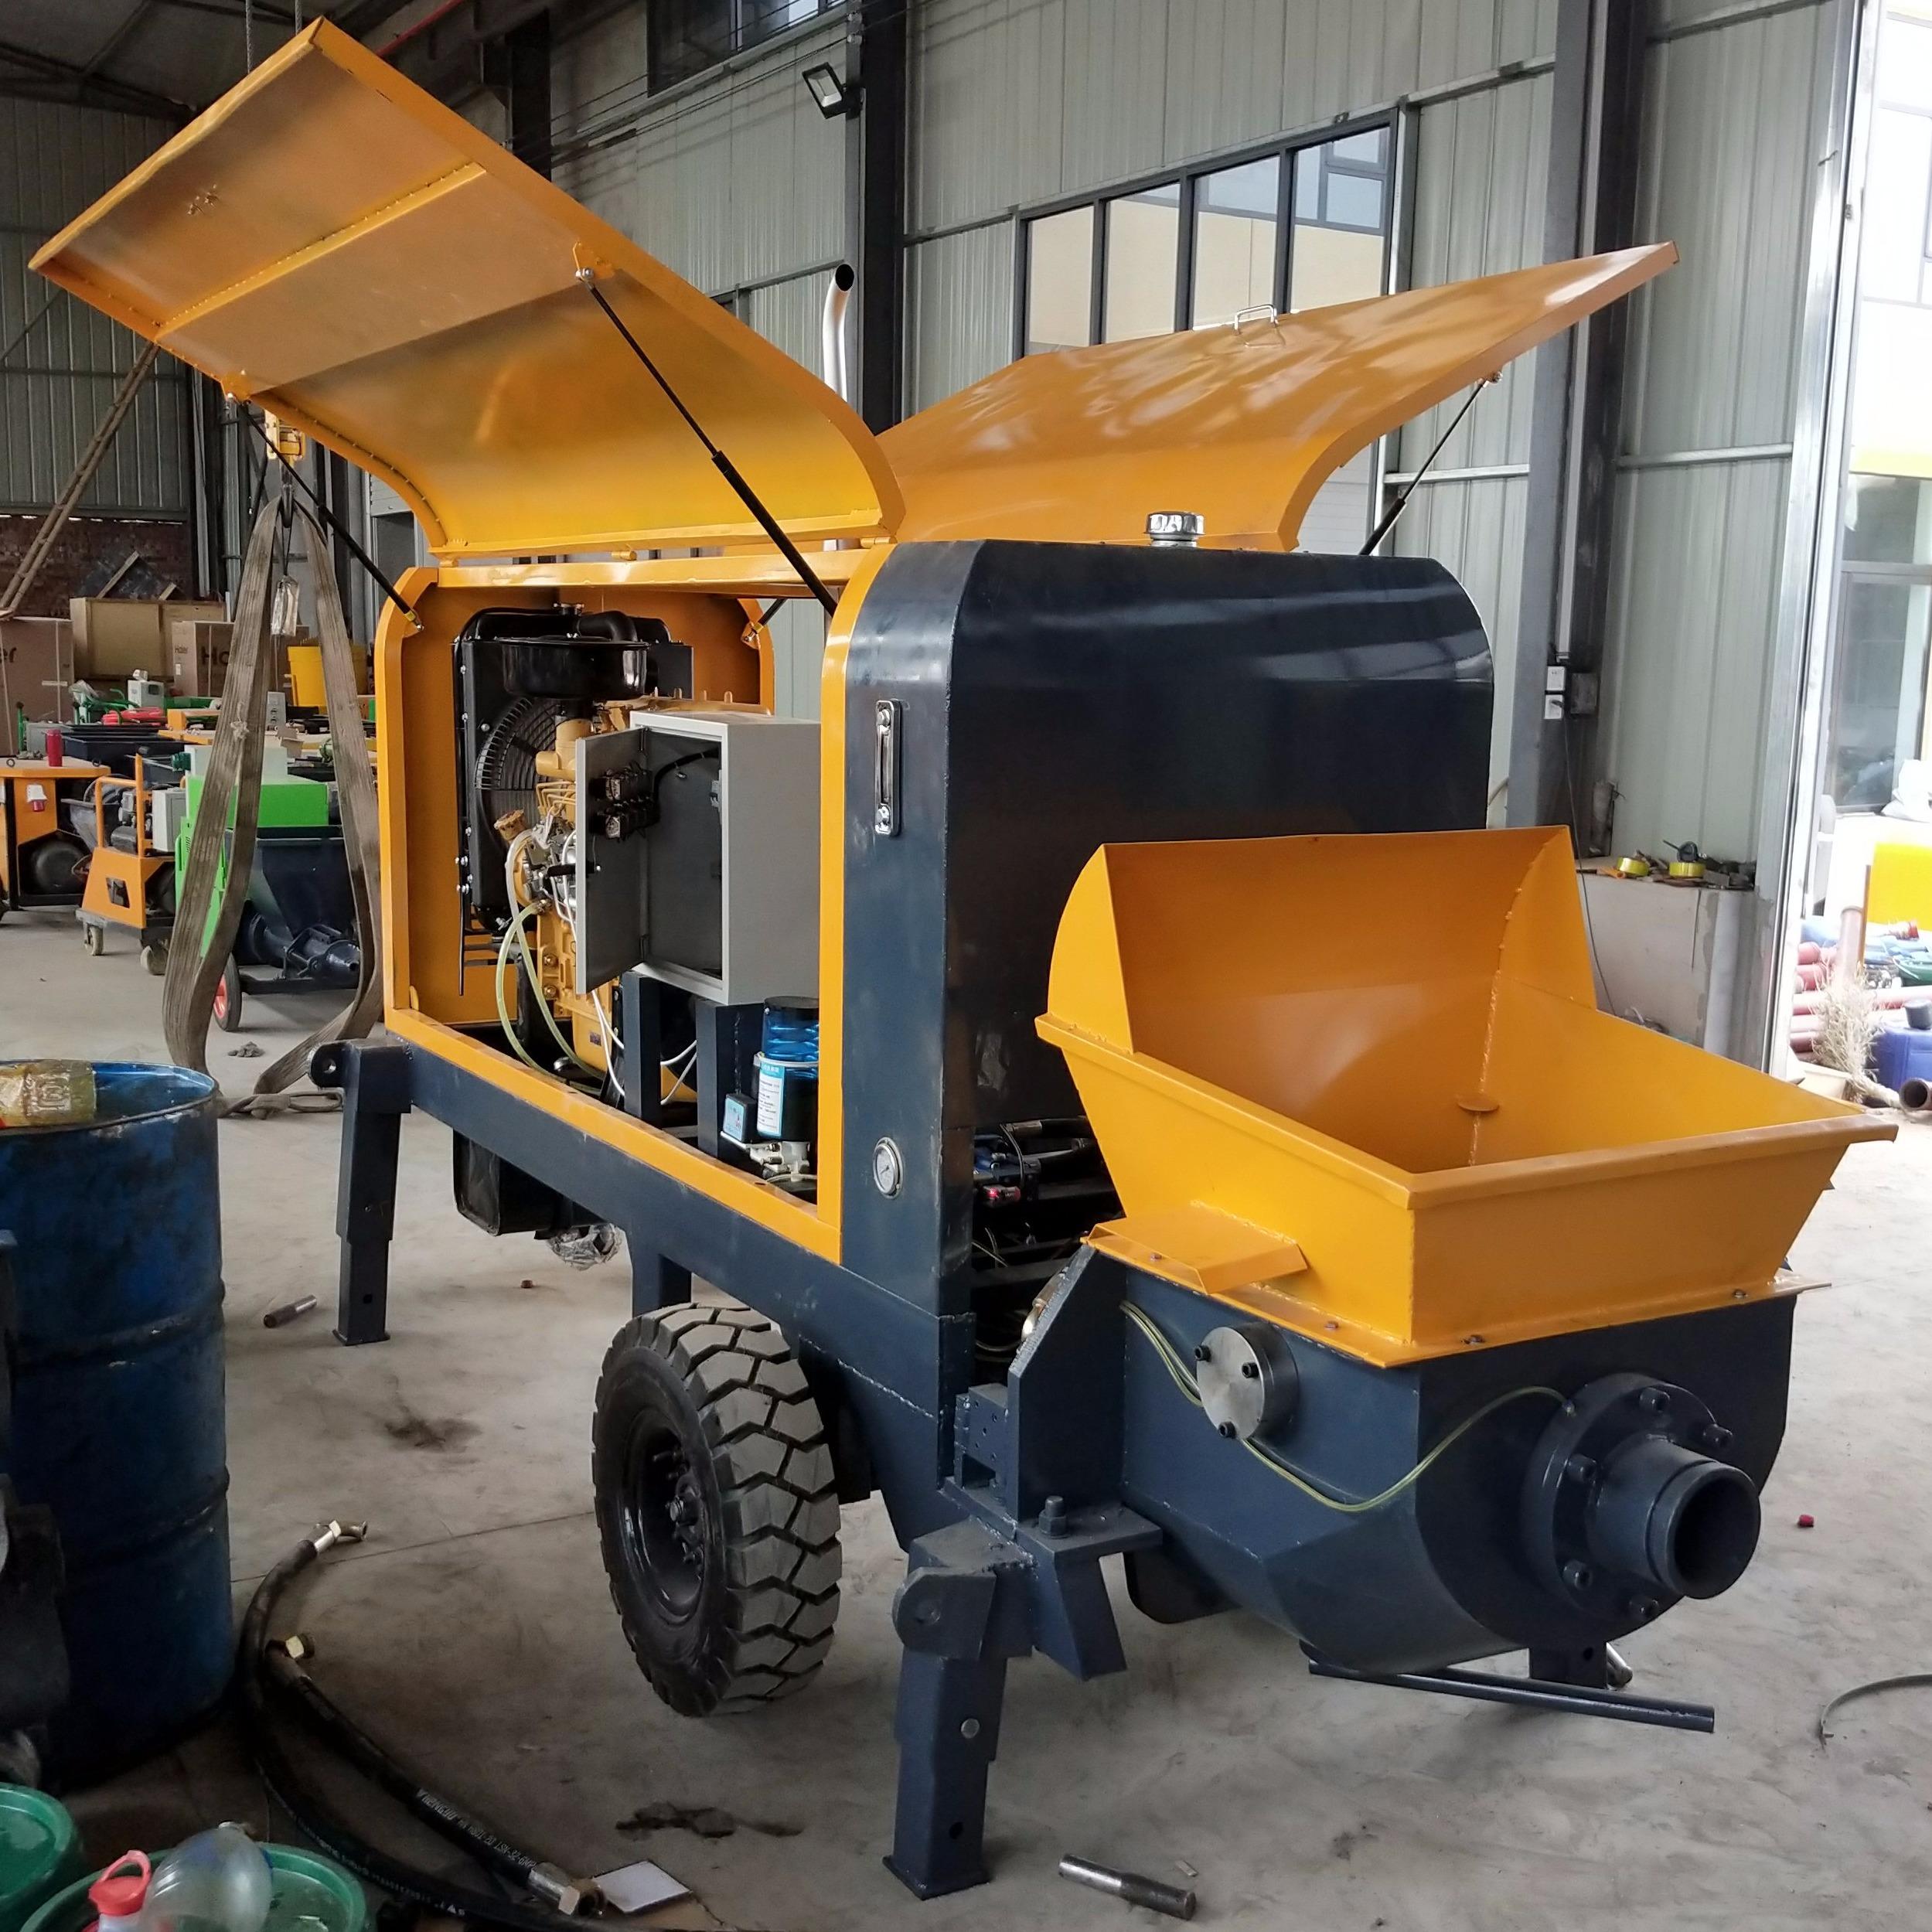 江淼兴机械生产混凝土输送泵 二次构造柱泵 微型细石泵车 13石子地泵 小型混凝土输送泵